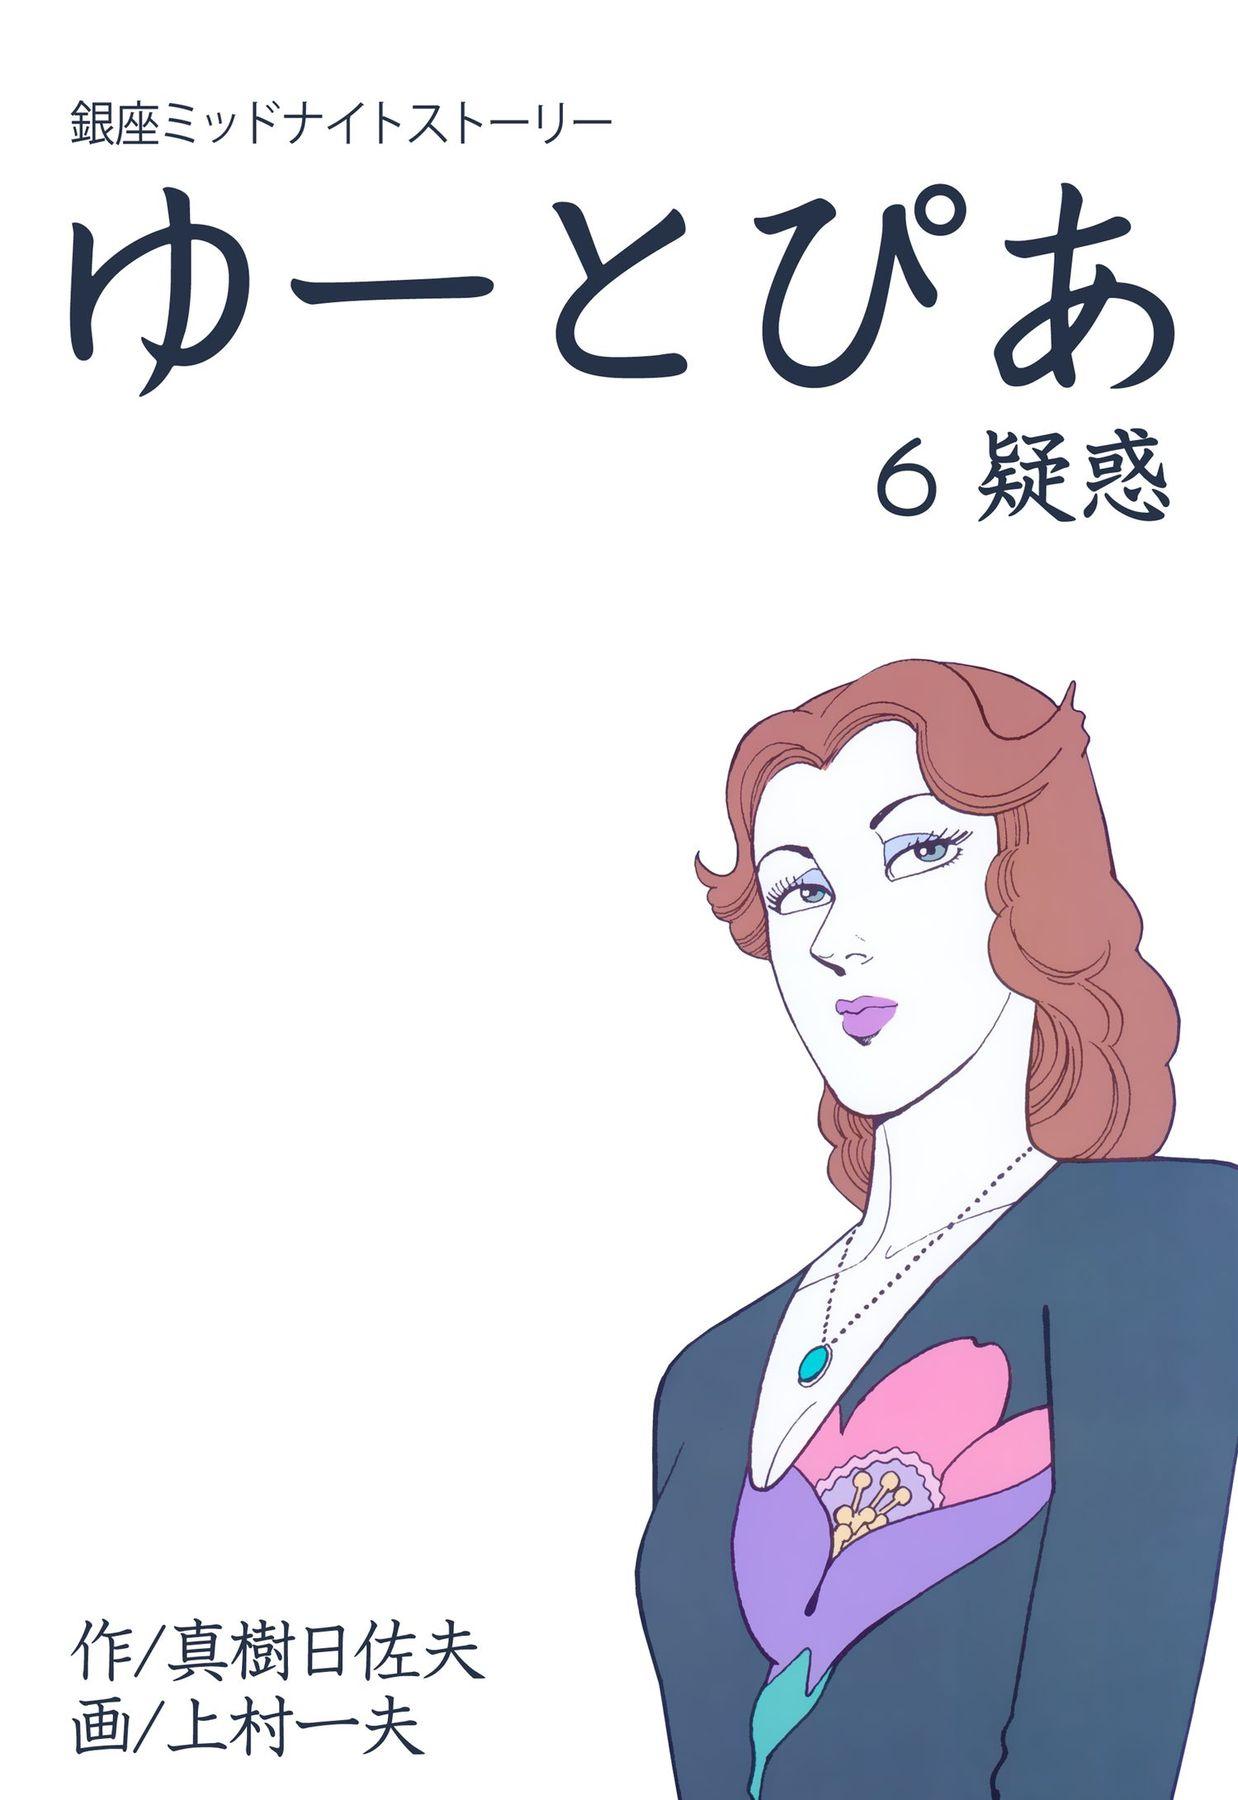 ゆーとぴあ~銀座ミッドナイトストーリー(第6巻)